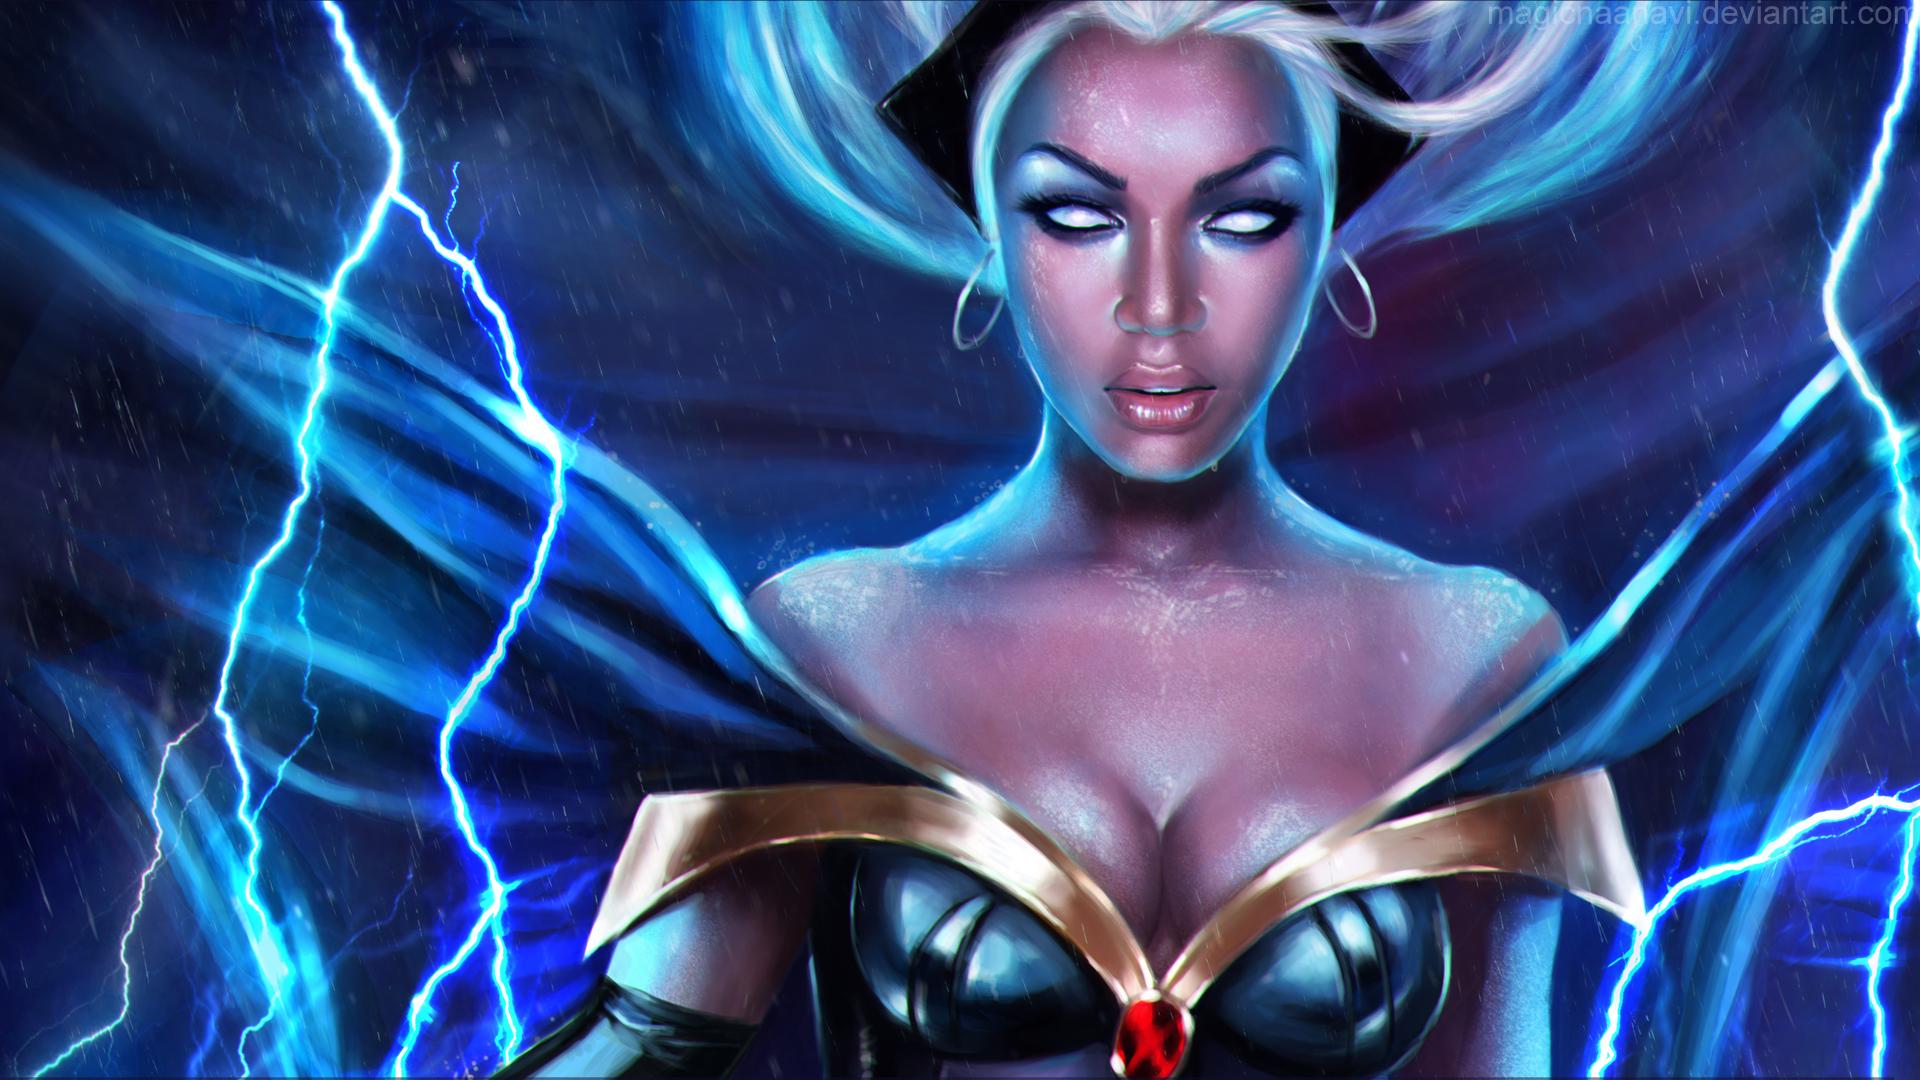 Storm X Men Wallpaper 63 Images: Storm >>> APPRECIATION